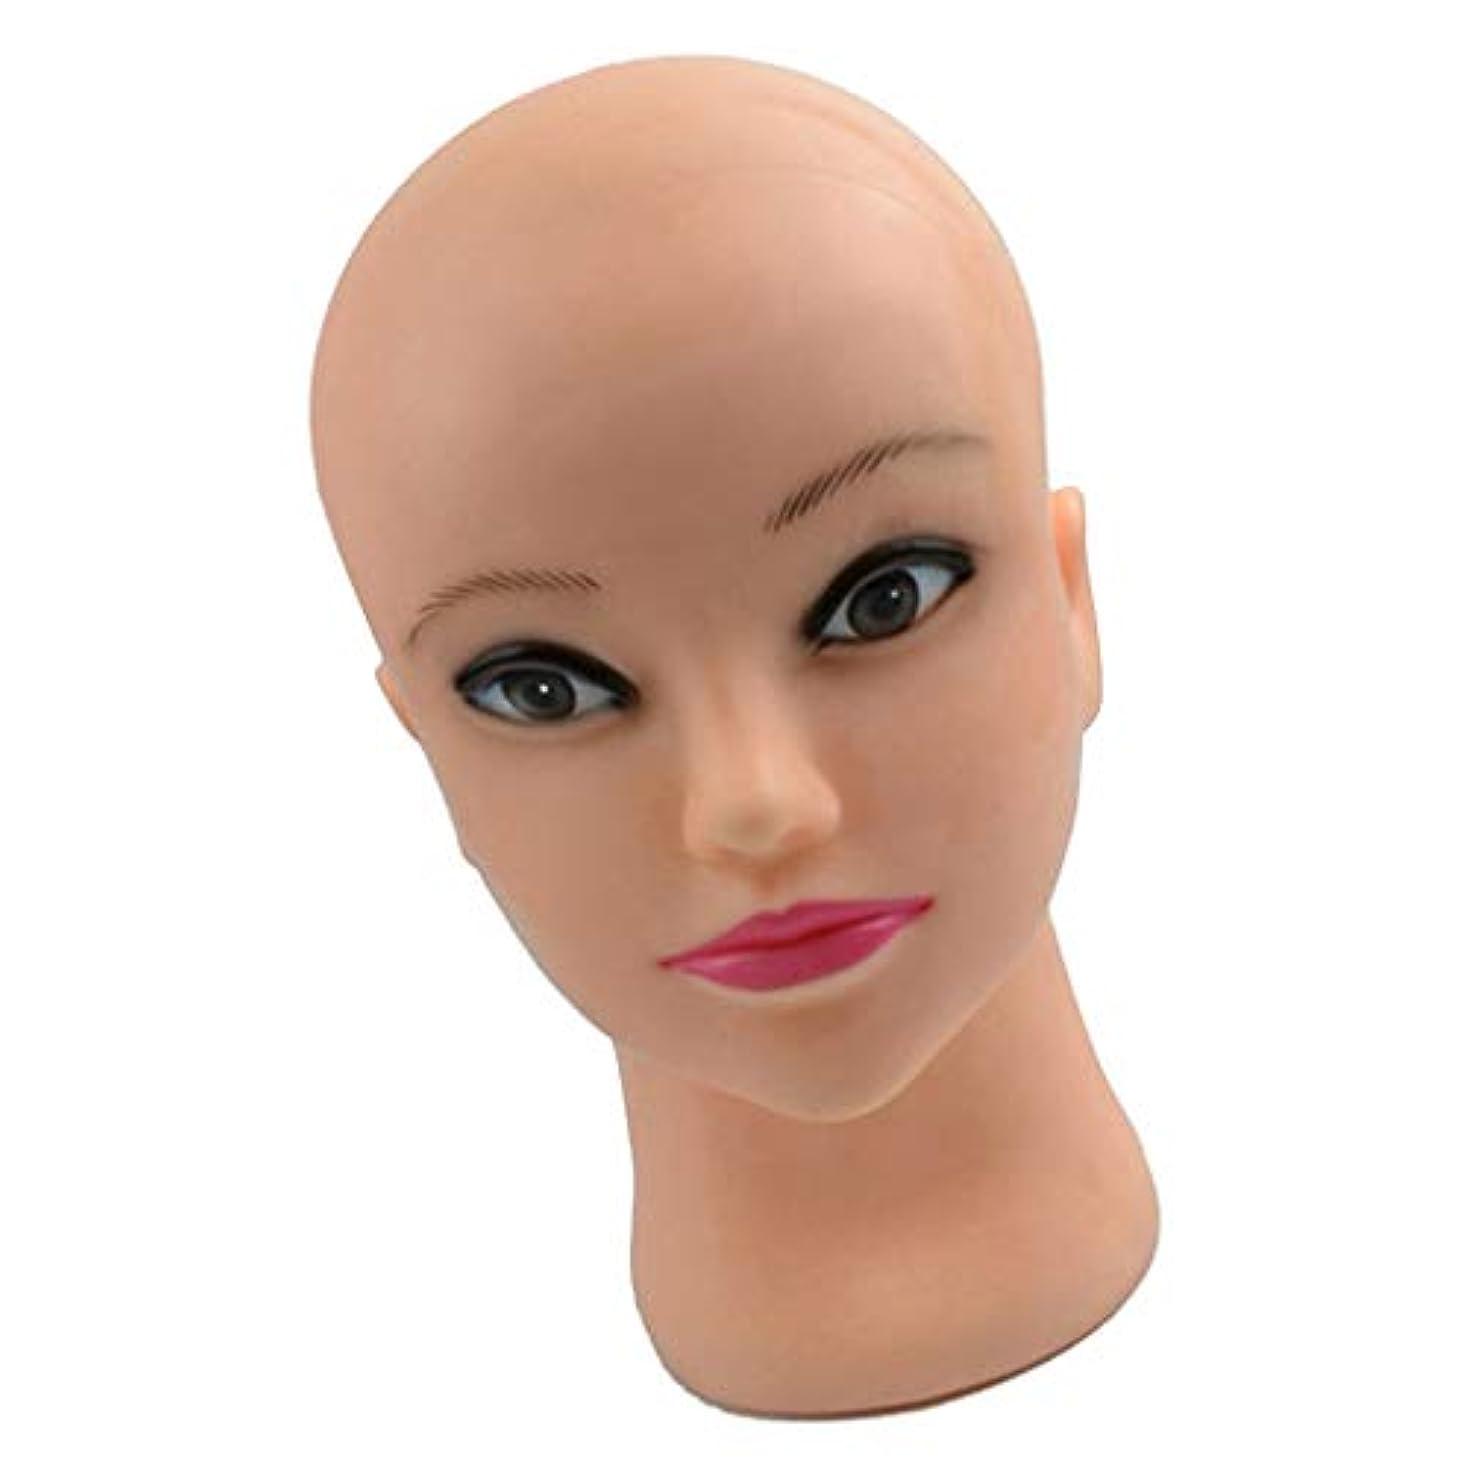 地元着る慈悲マネキンヘッド メイク 化粧練習 シリコーン メイク練習用 モデル 美容室用 トレーニングに